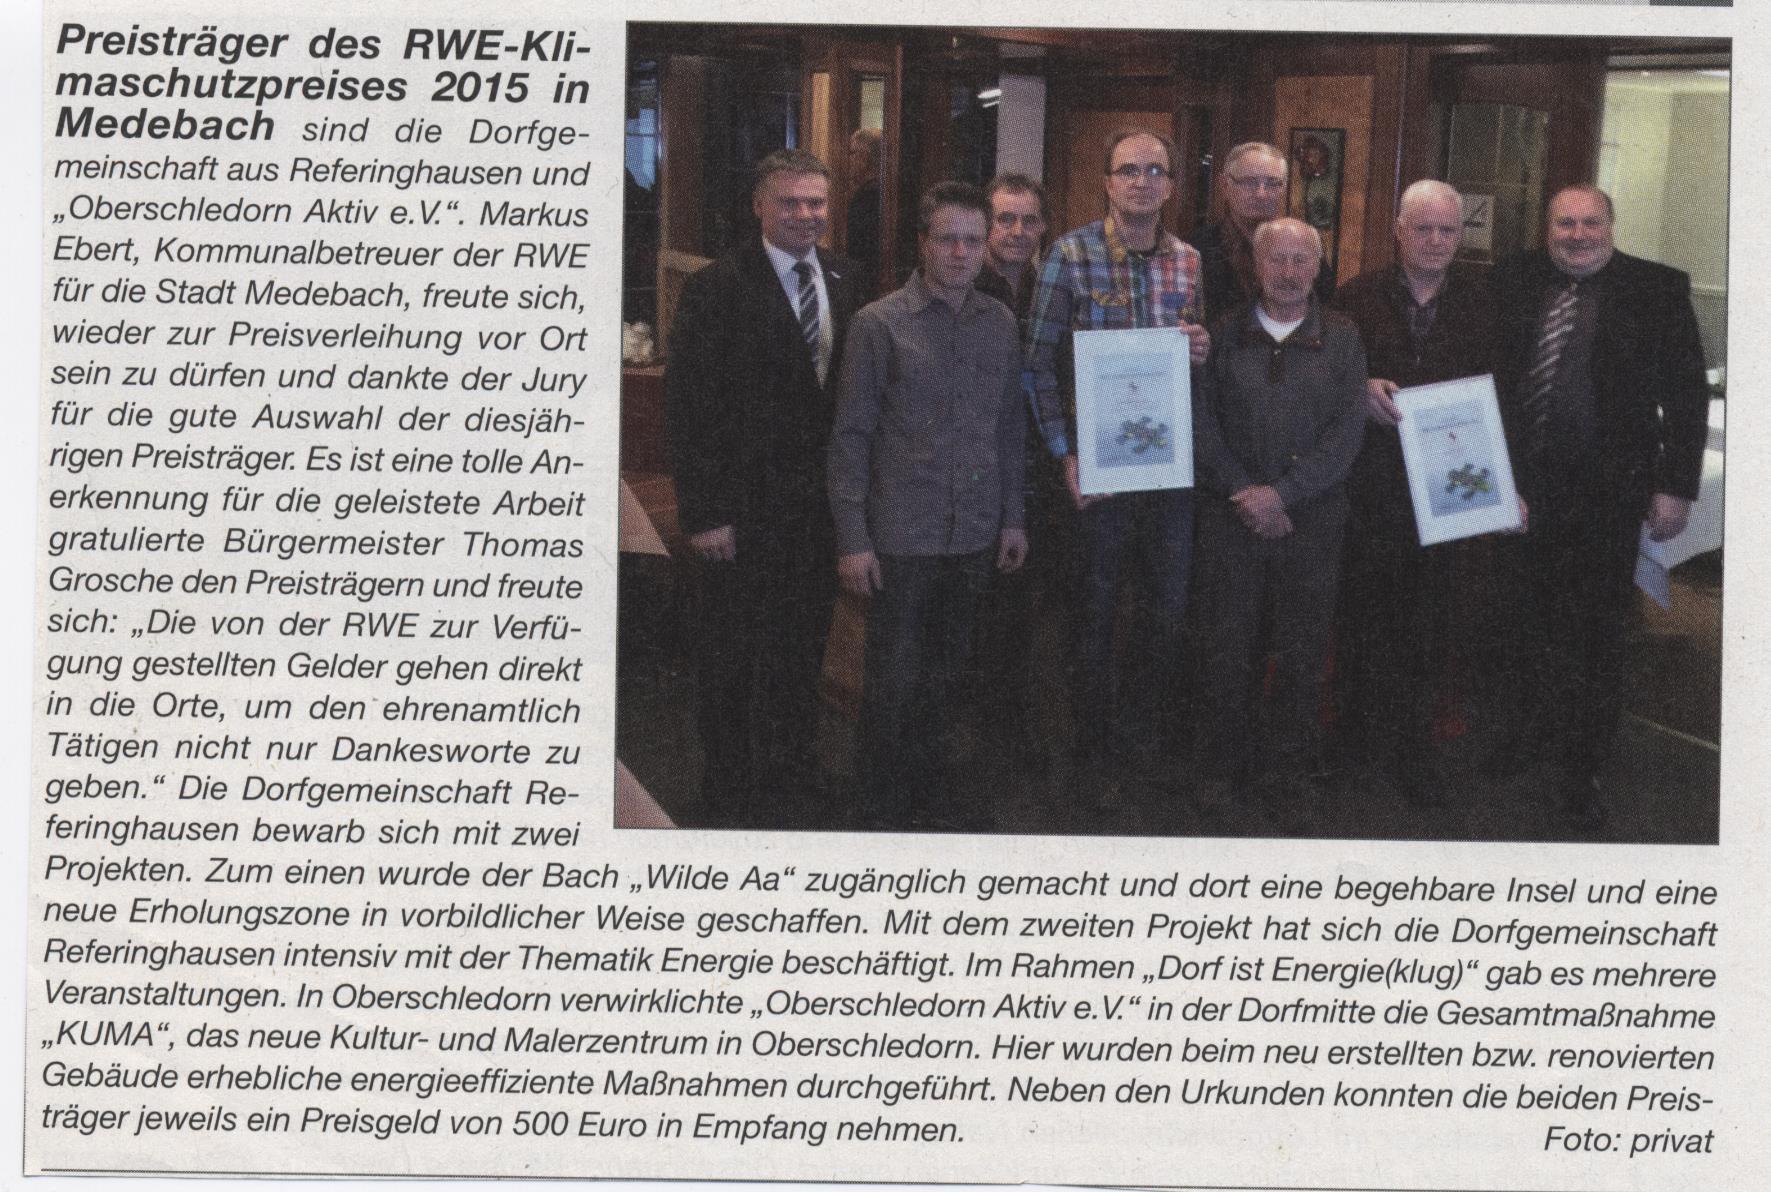 RWE-Klimaschutz Preis